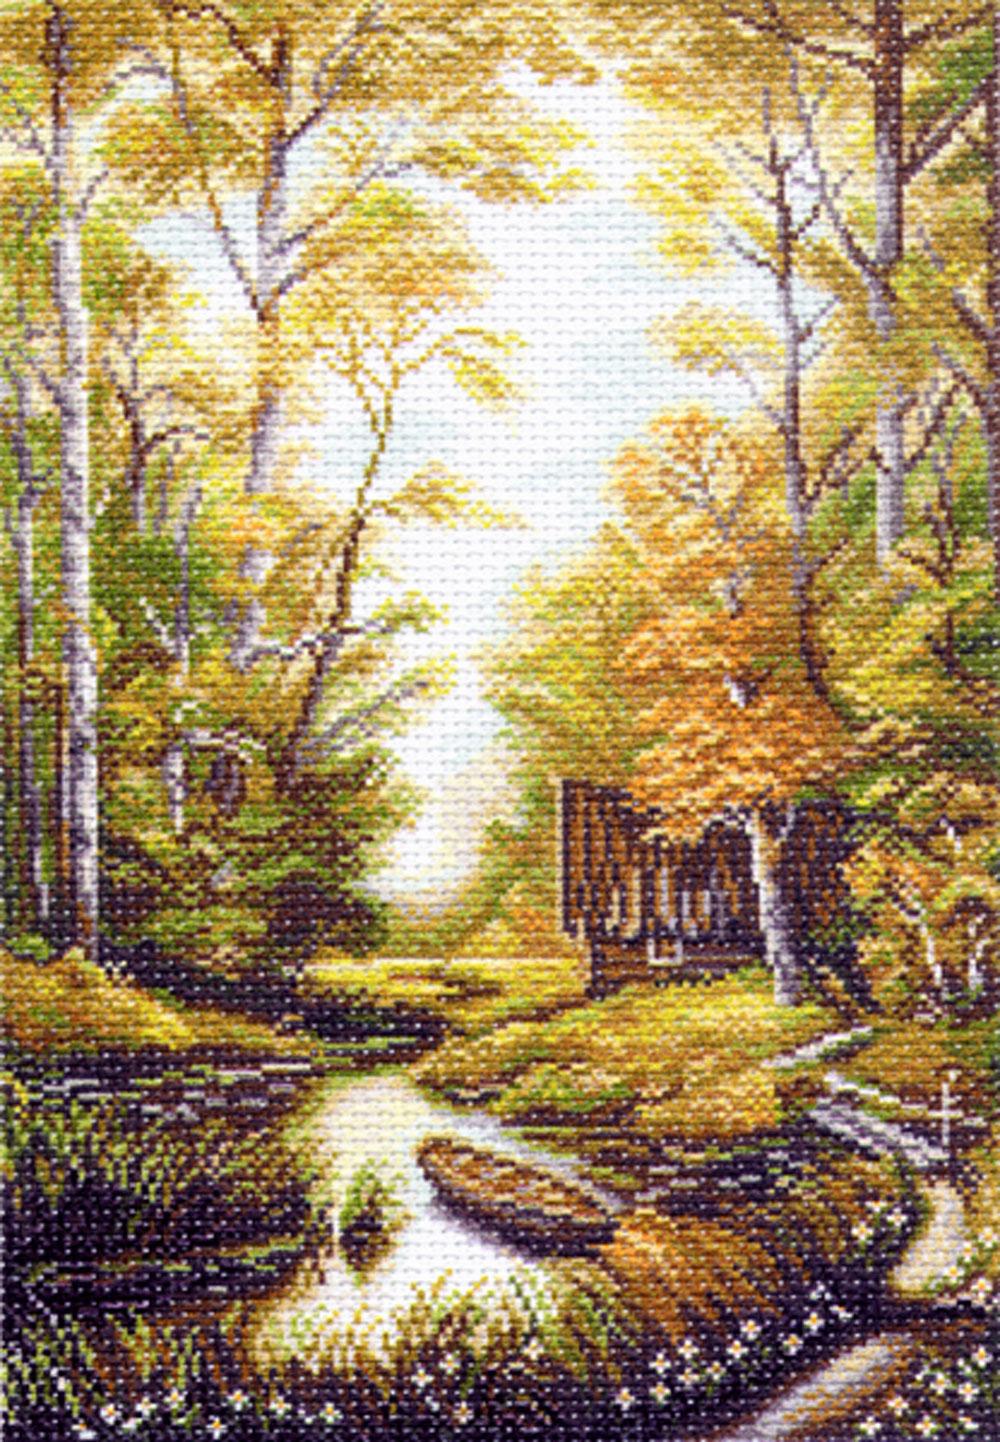 Канва с рисунком для вышивания Сторожка лесника, 37,5 см х 26 см549908Канва с рисунком Сторожка лесника изготовлена из хлопка, которая поможет вам создать свой личный шедевр - красивую вышитую картину. Вышивка выполняется в технике полный крестик в 2-3 нити или полукрестом в 4 нити. На полях рисунка указаны цветовая палитра и предполагаемый метраж ниток для вышивки. Вышивание отвлечет вас от повседневных забот и превратится в увлекательное занятие! Работа, сделанная своими руками, создаст особый уют и атмосферу в доме и долгие годы будет радовать вас и ваших близких. Рекомендуемое количество цветов: 23. Размер готового рисунка: 37,5 см х 26 см. Нитки в комплект не входят.